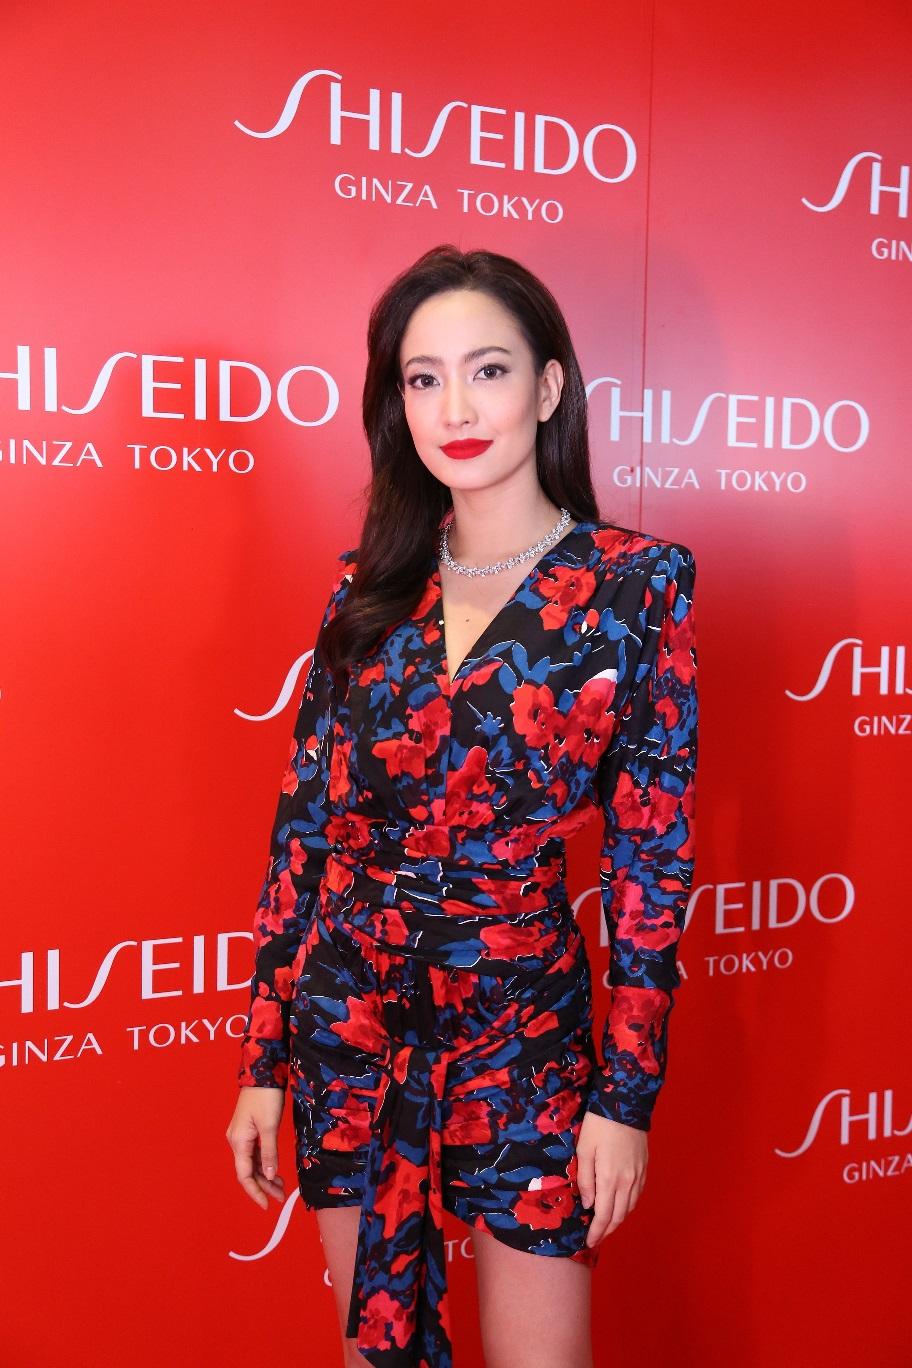 Shiseido Free Standing Store